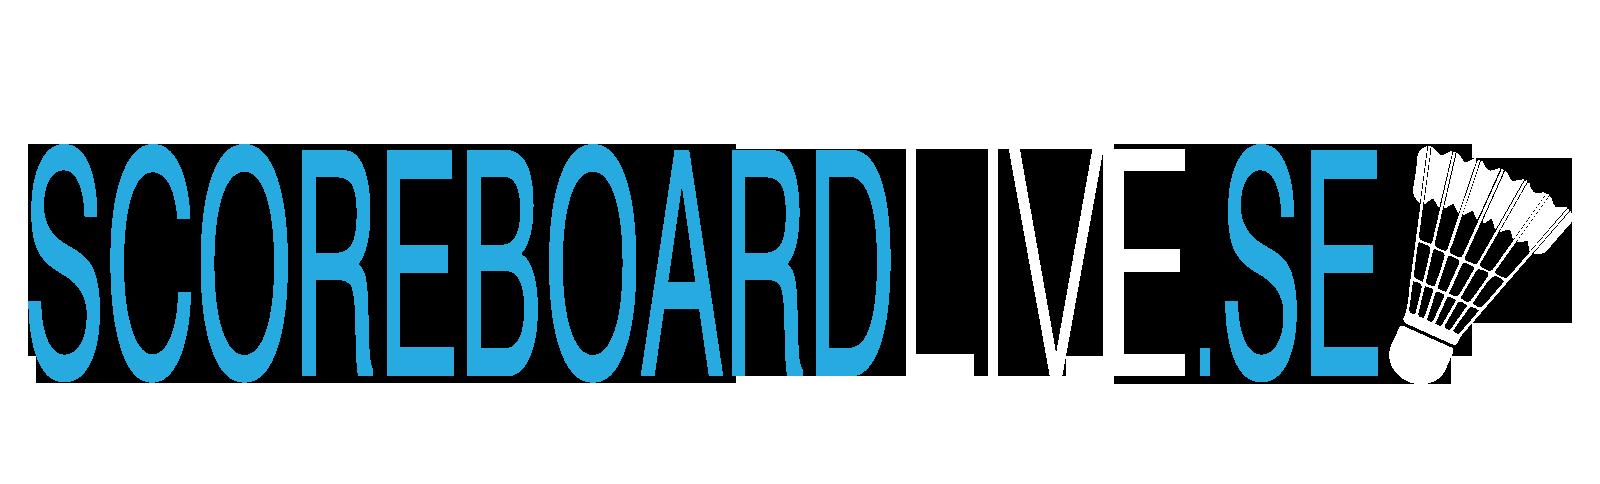 Scoreboard Live logo